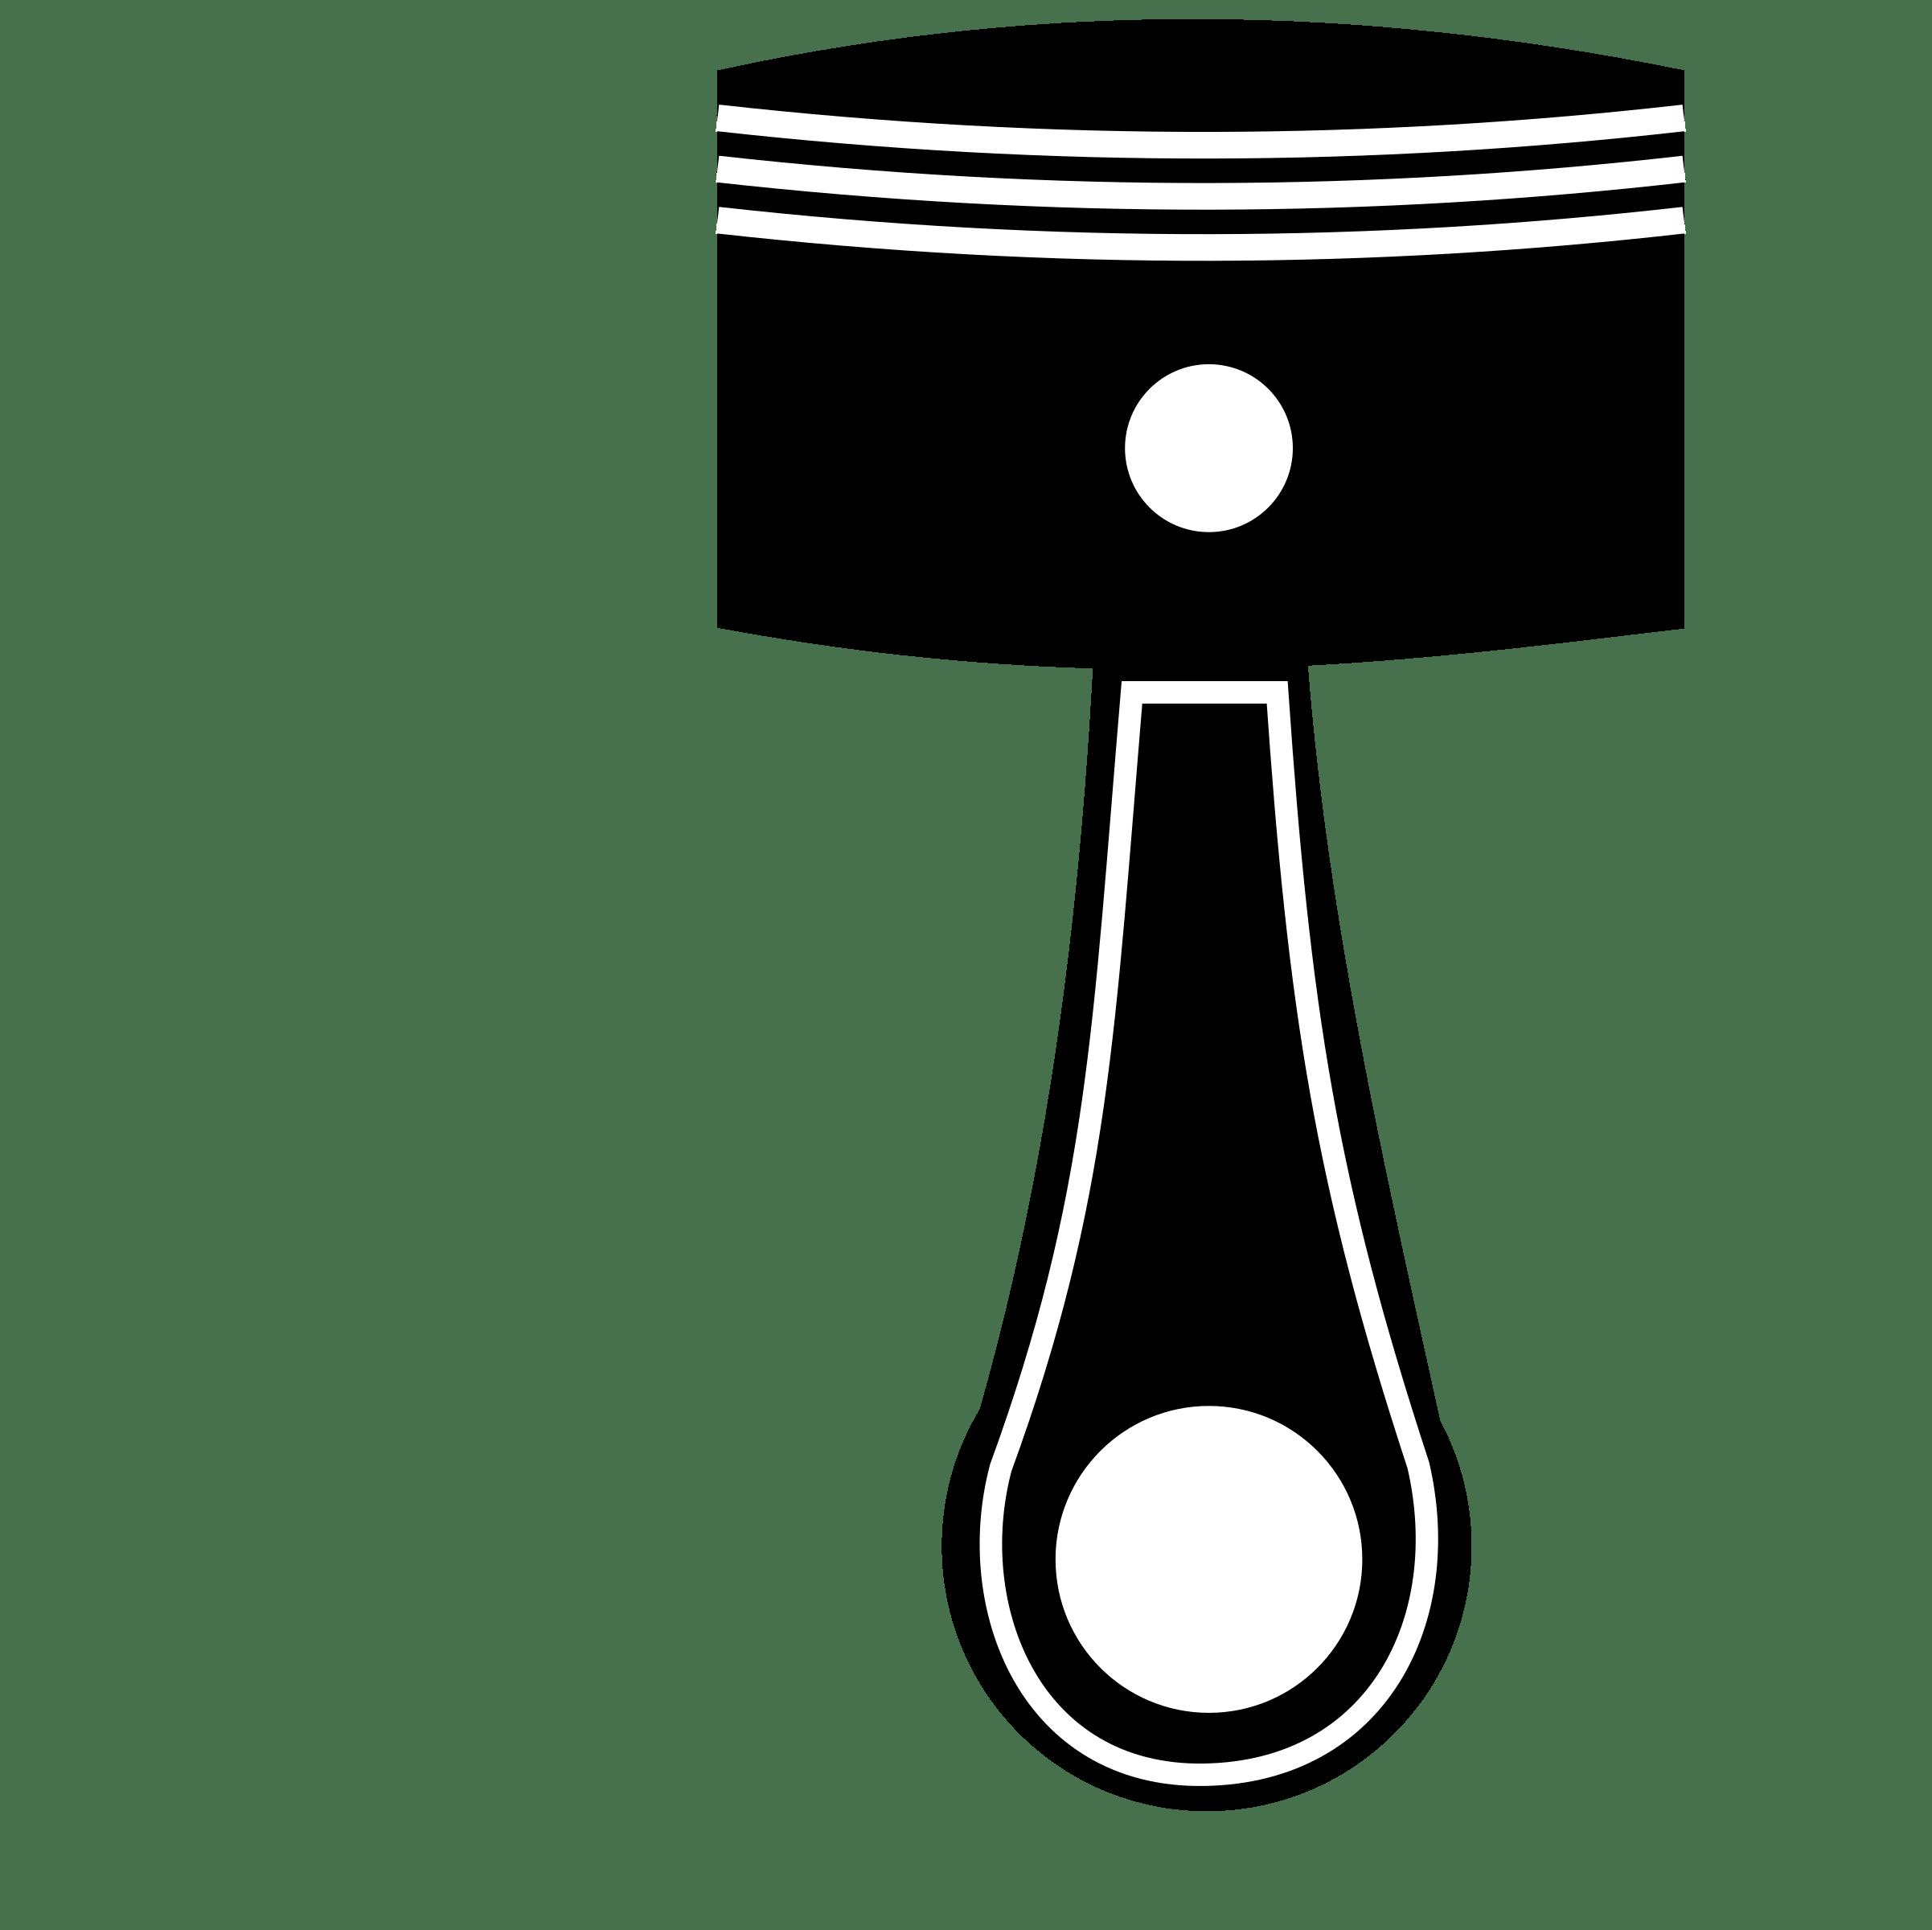 Clipart piston » Clipart Portal.